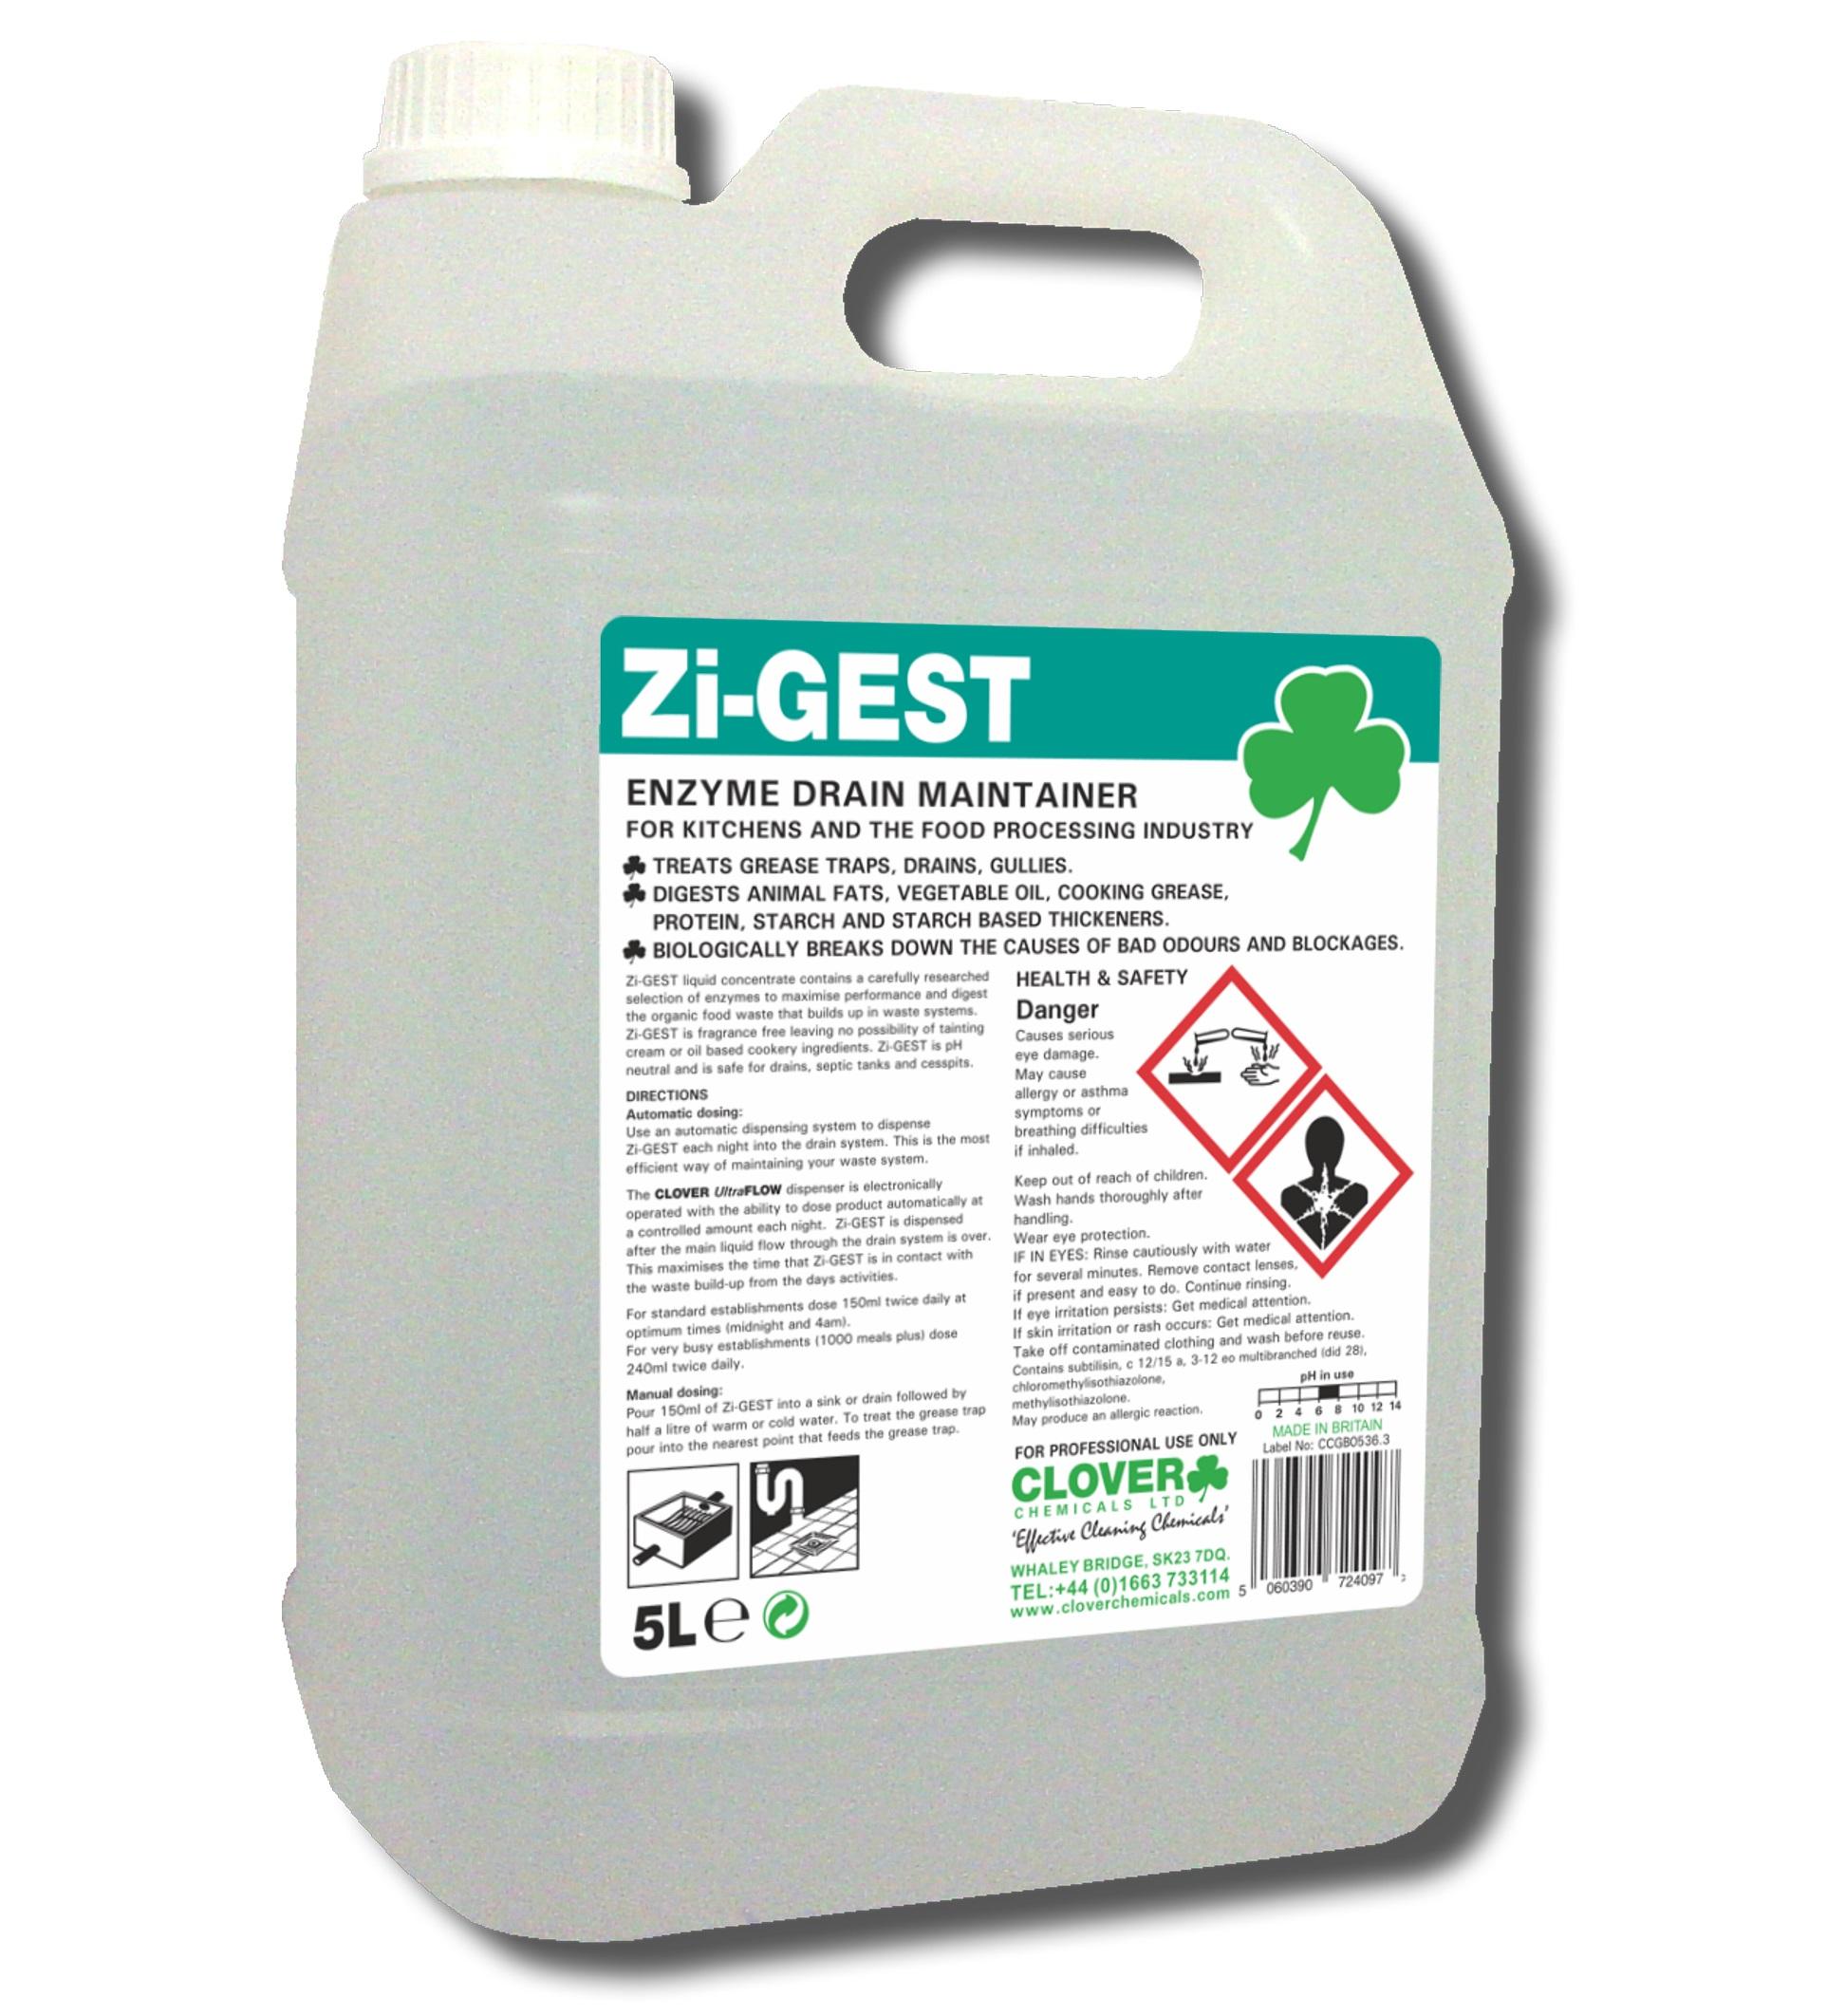 Zi-Gest-Enzyme-Drain-Maintainer-5litre